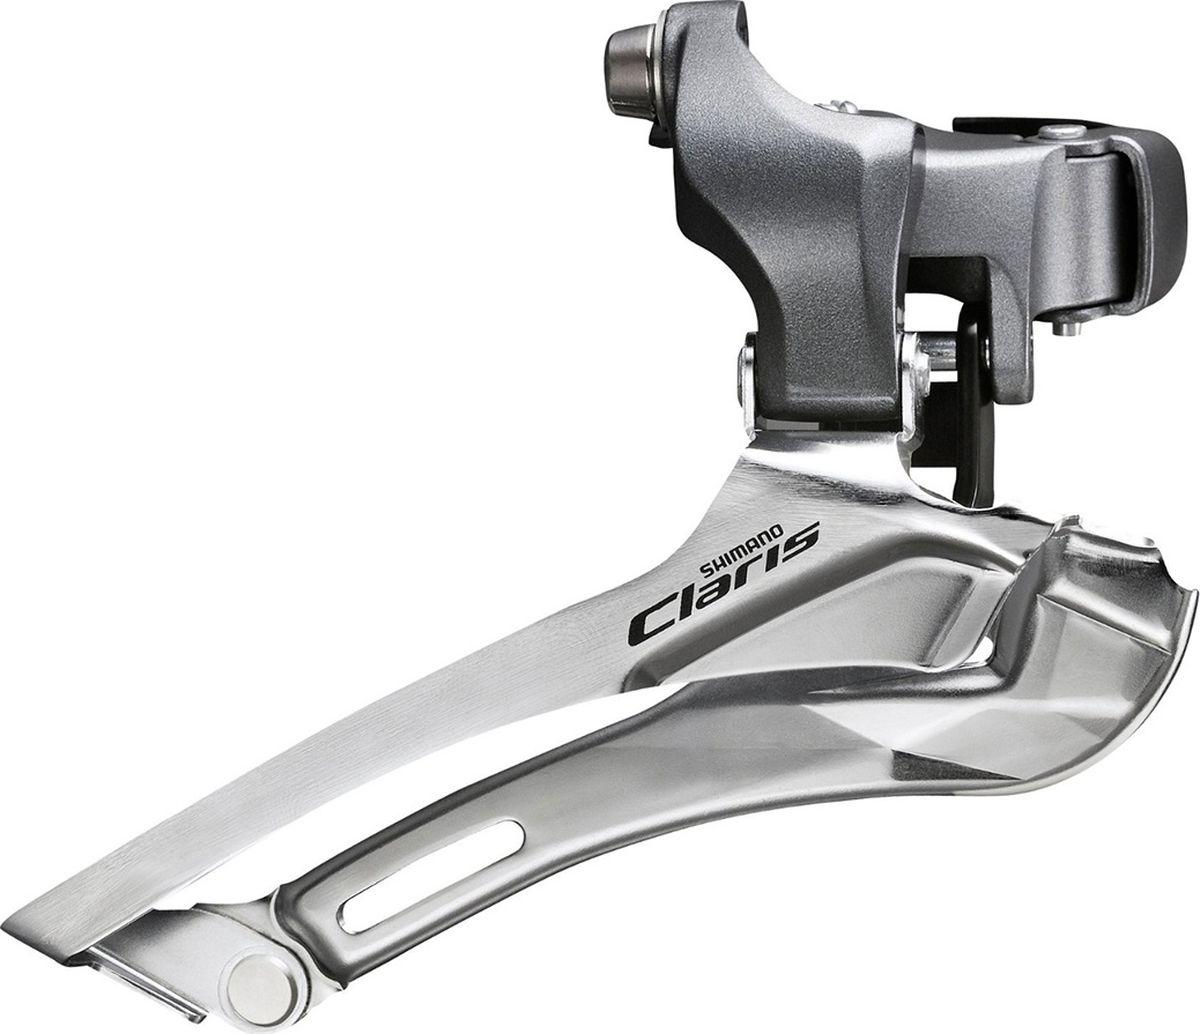 Переключатель передний Shimano Claris 2400, 2 x 8 скоростей, на упорEFD2400FПереключатель передний Shimano Claris FD-2400 2x8 скоростейДля шоссейных велосипедов